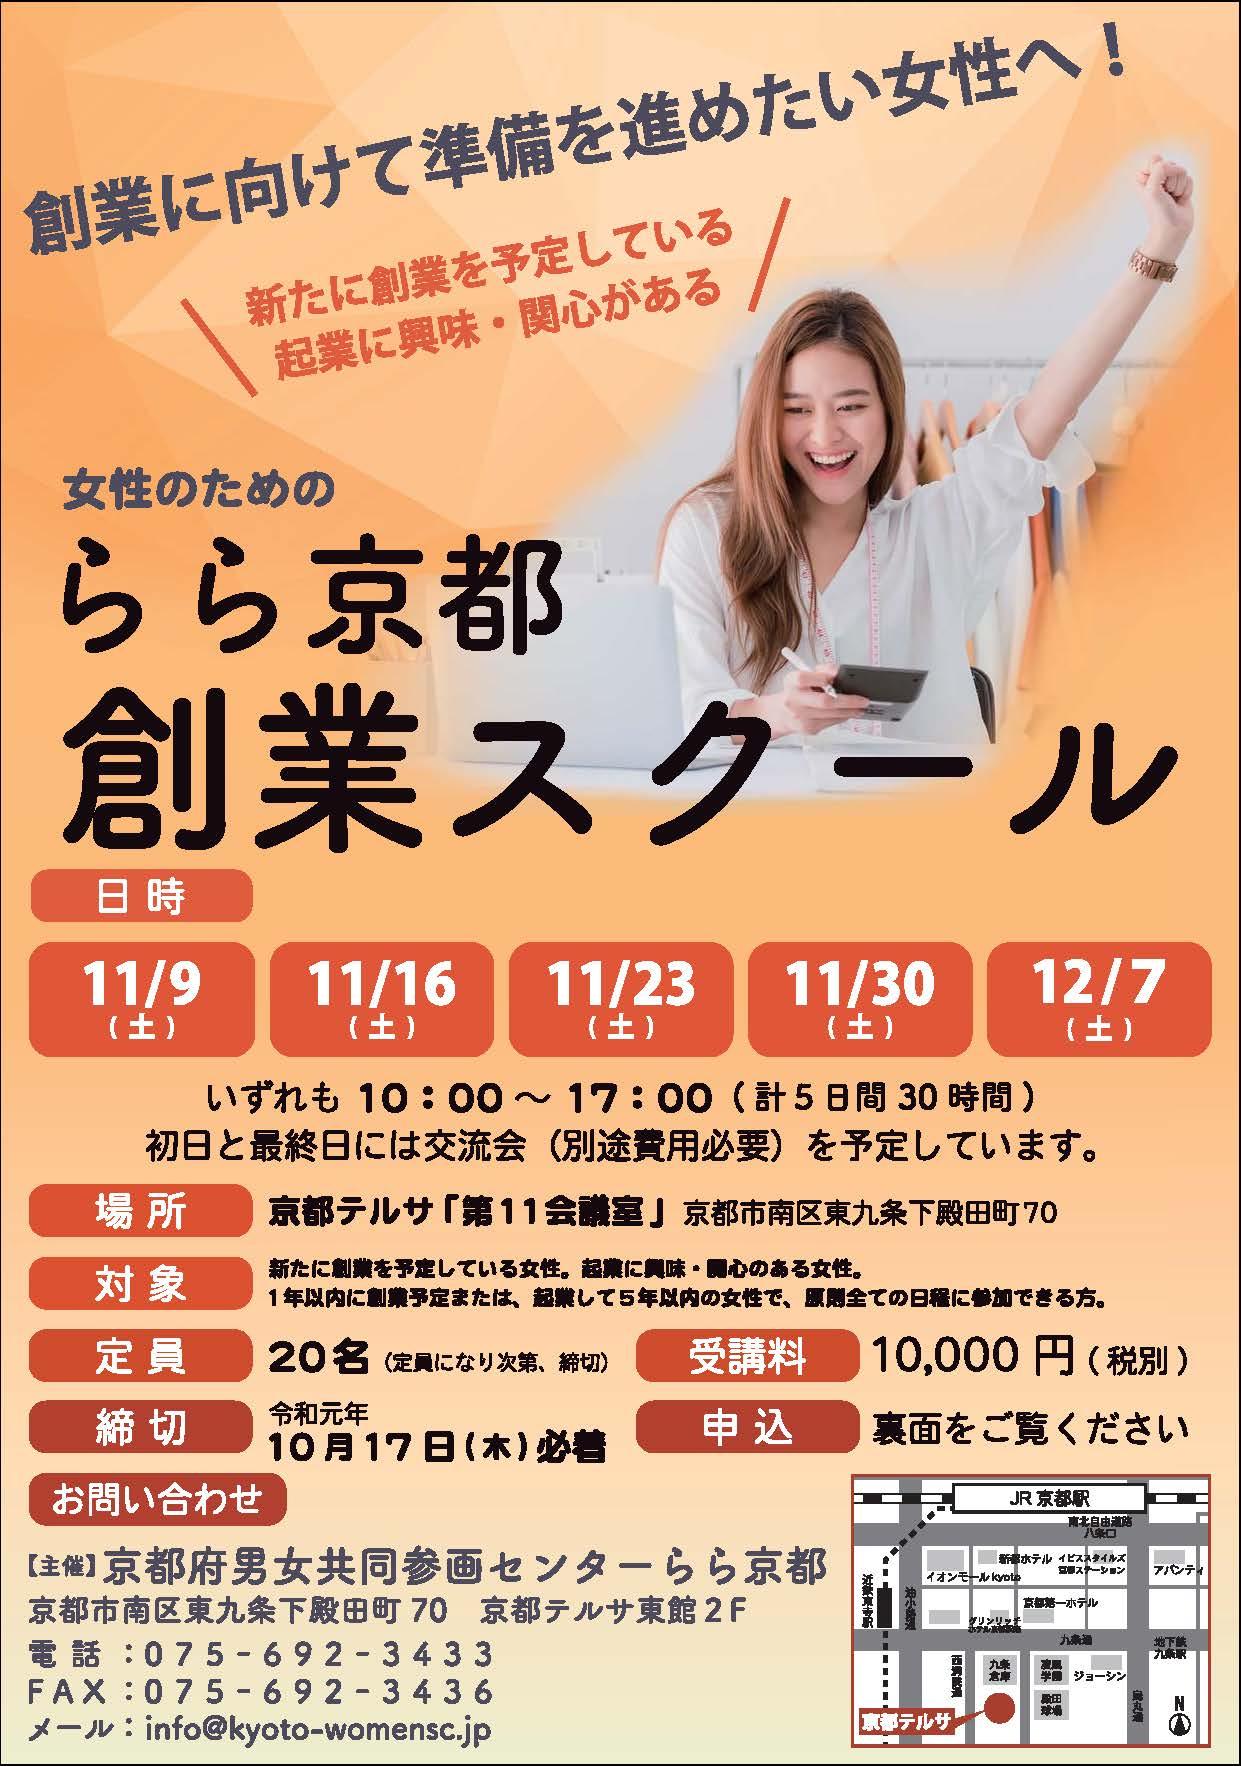 女性のためのらら京都創業スクール